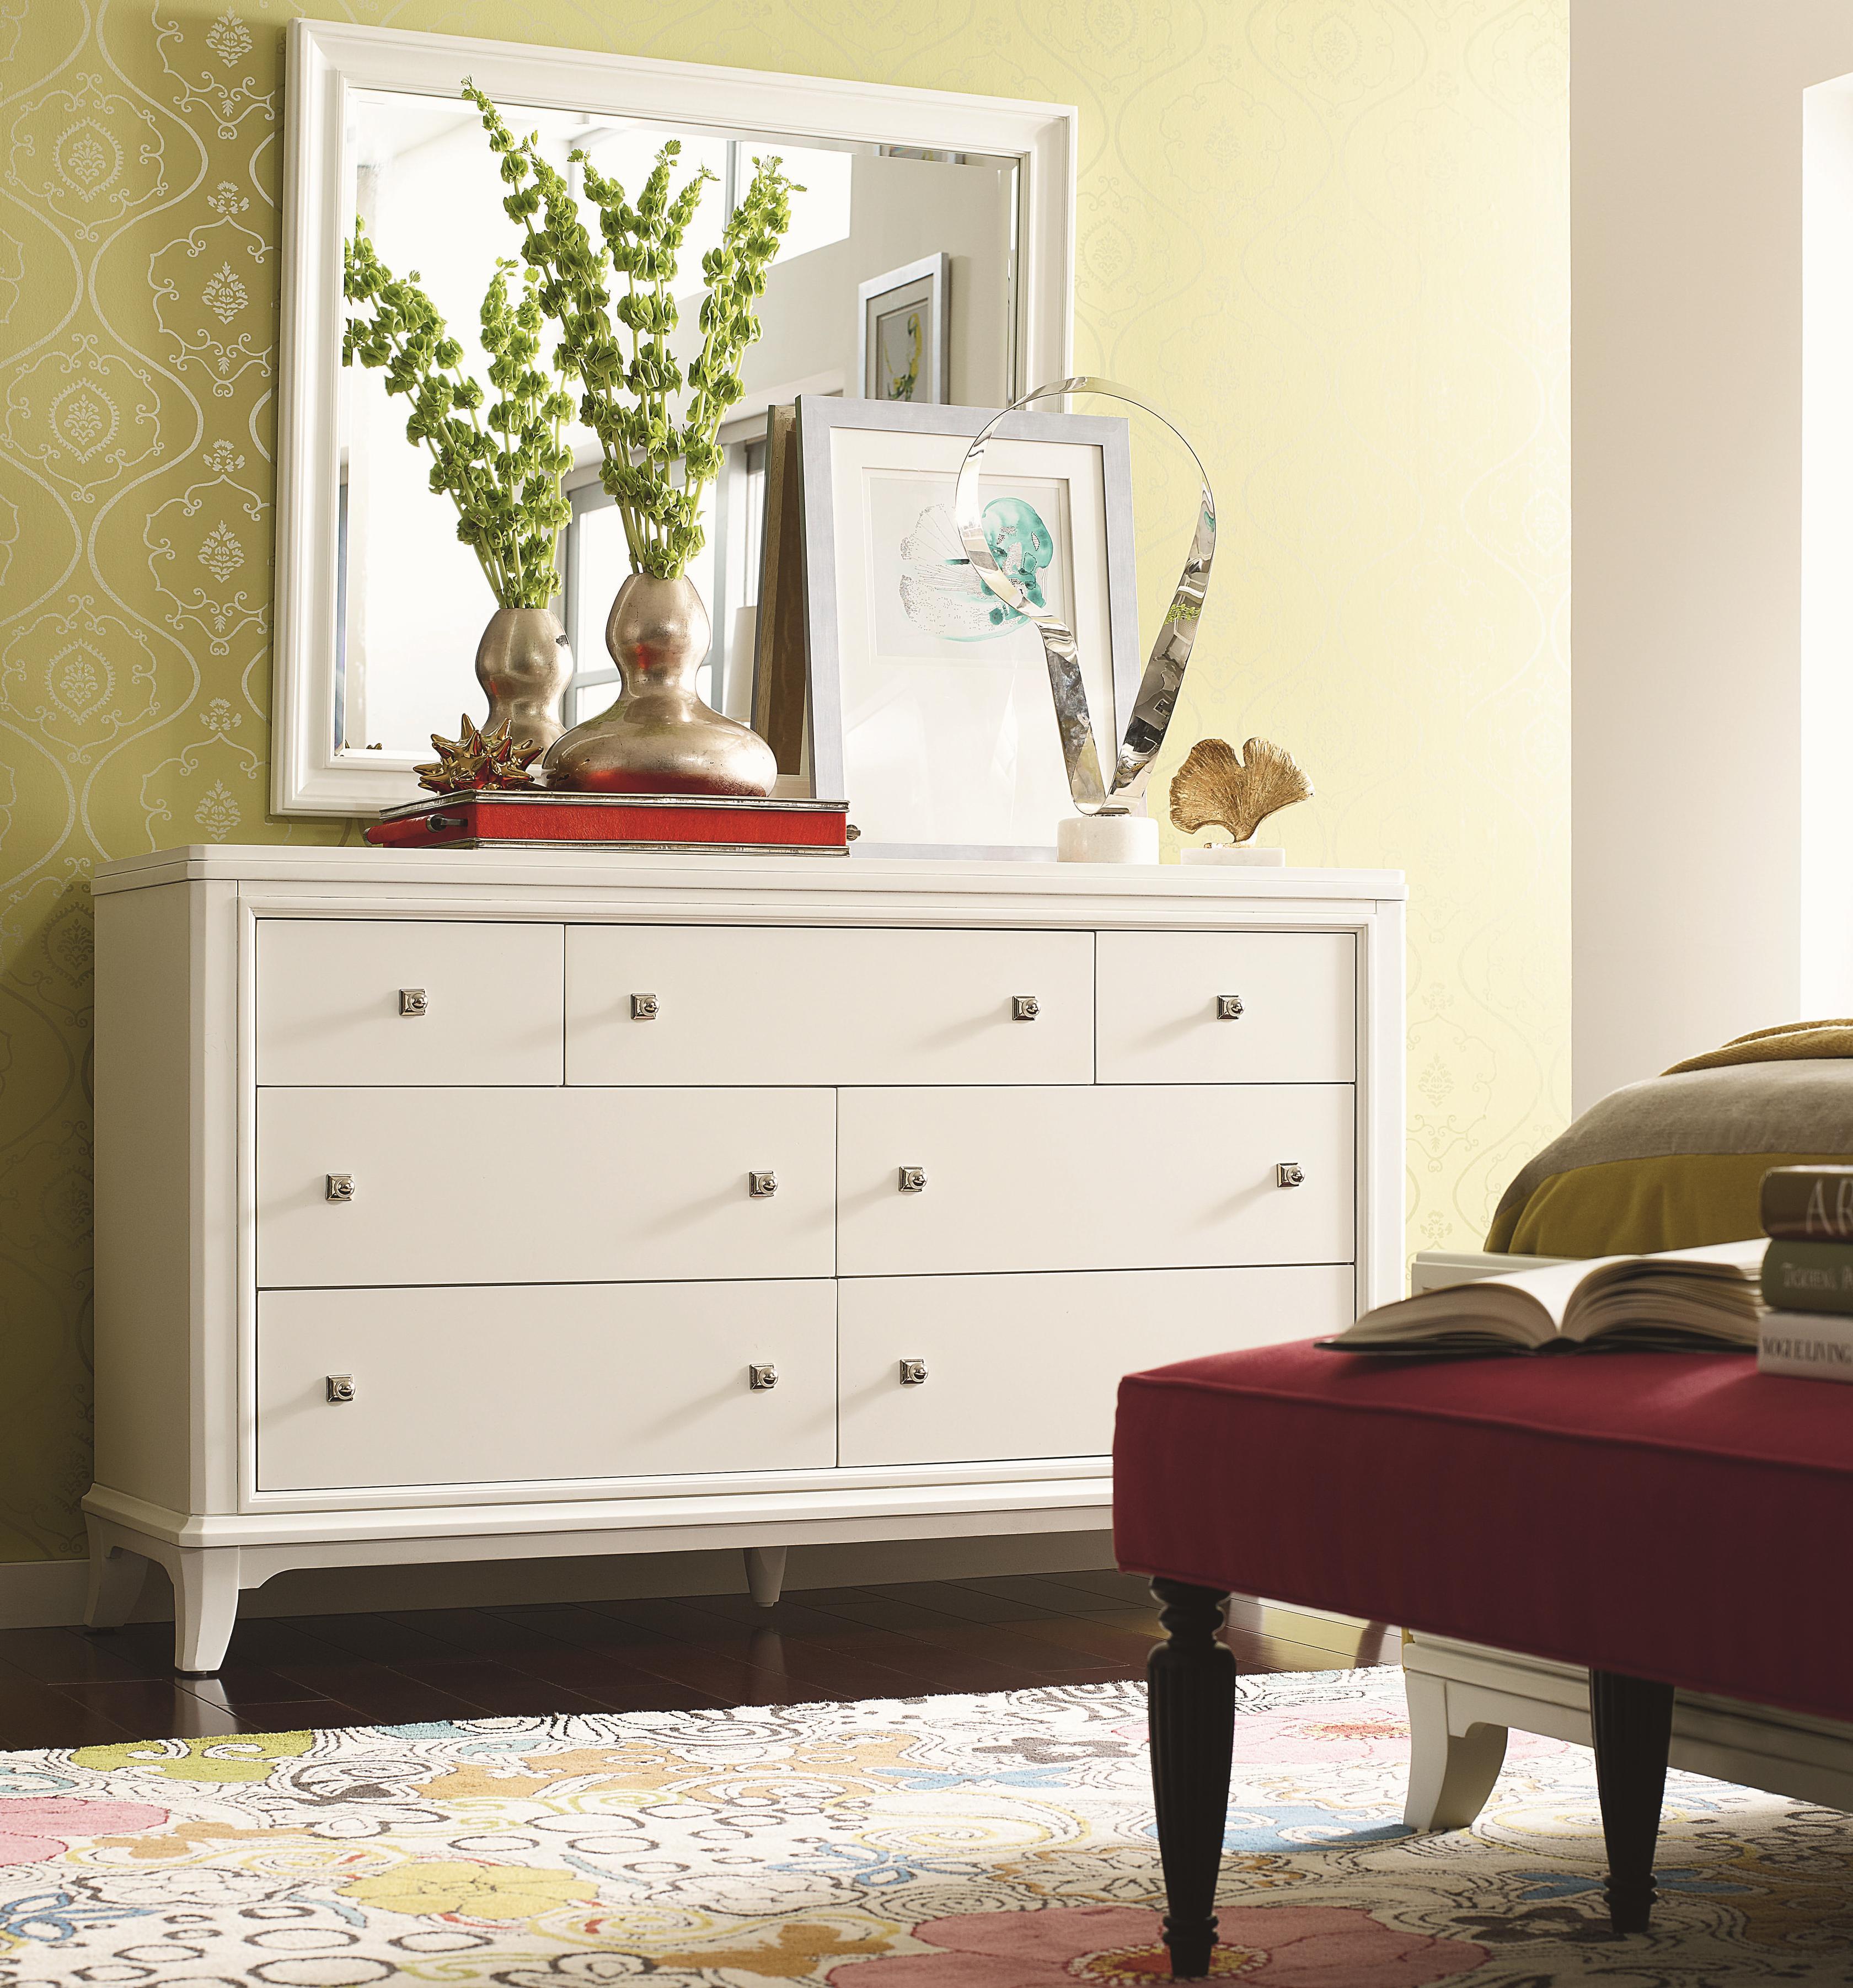 Thomasville® Manuscript Dresser and Mirror - Item Number: 82915-125+220